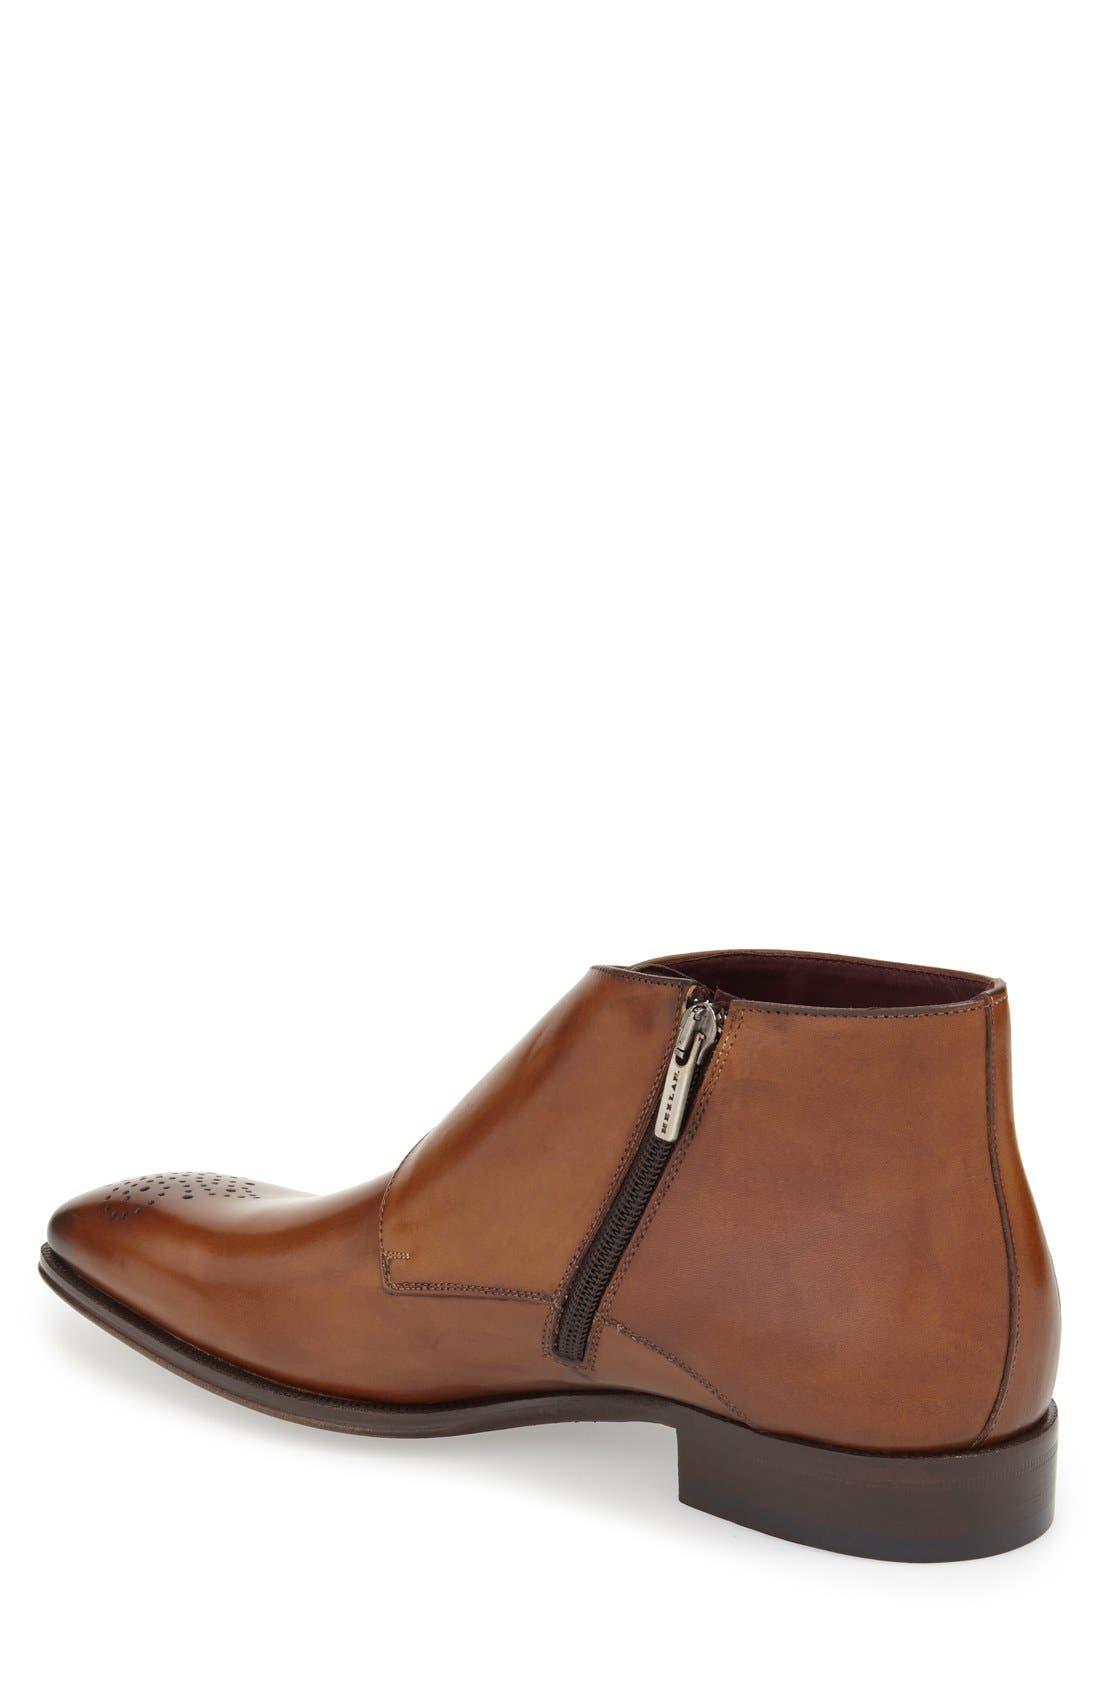 'Rocca' Midi Double Monk Strap Boot,                             Alternate thumbnail 2, color,                             Cognac